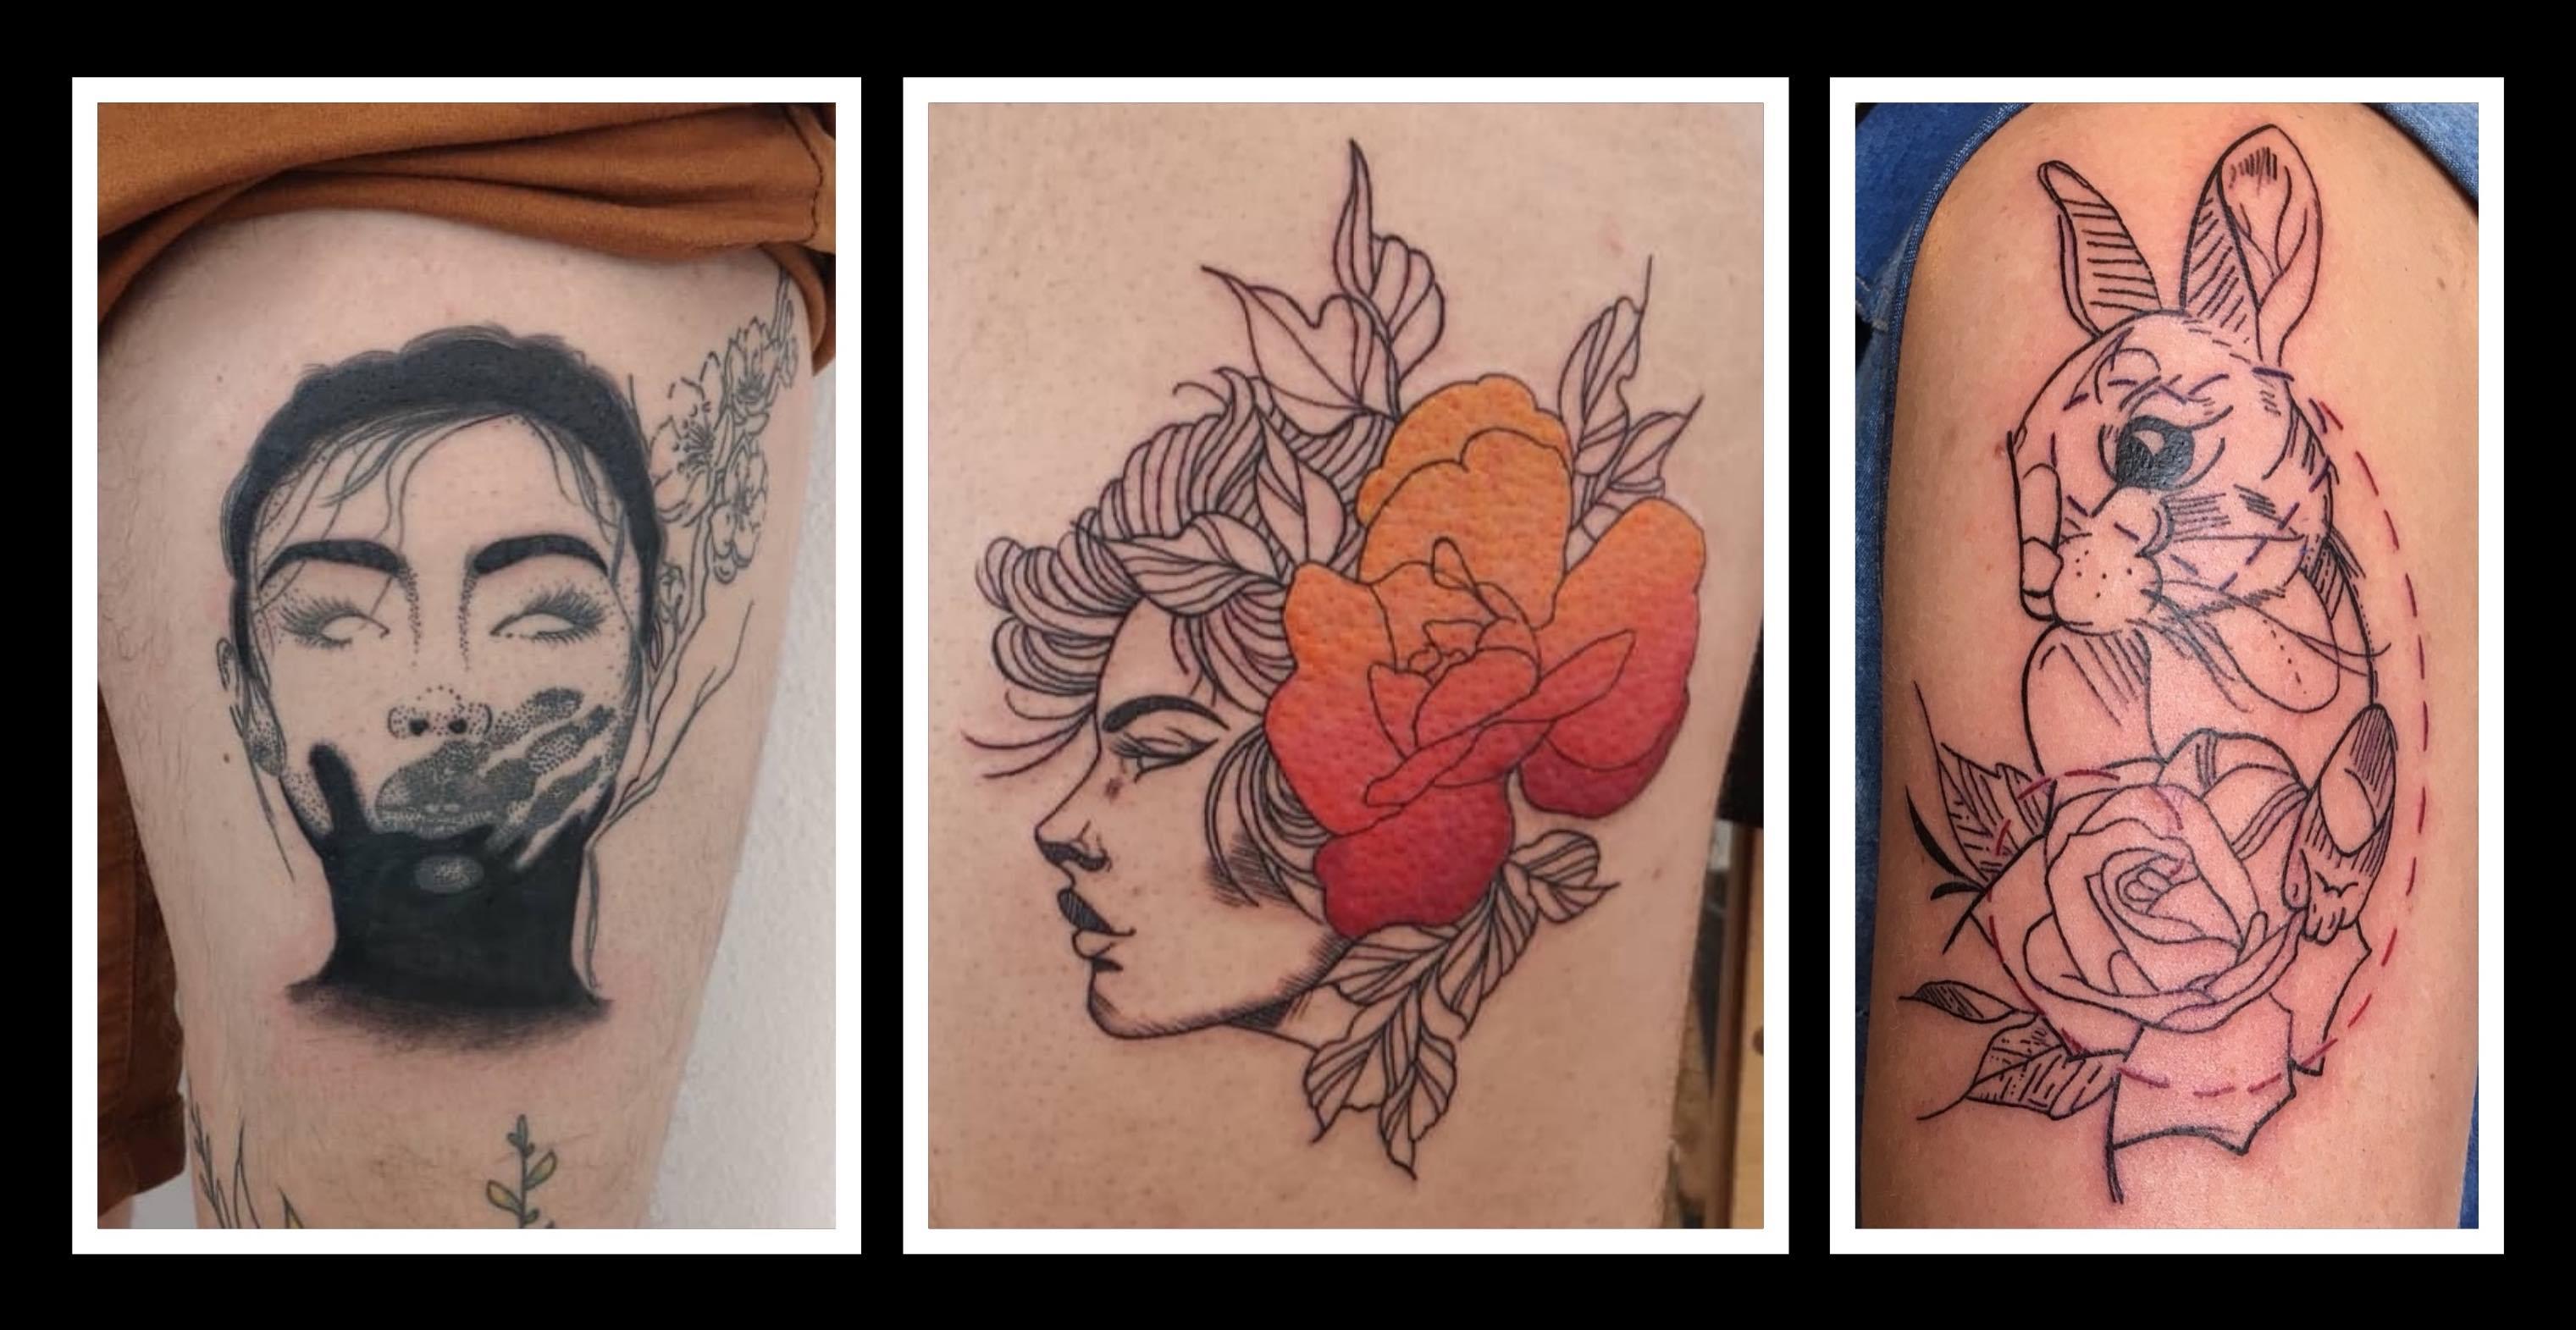 Tattoo work created by Bronwyn Washer